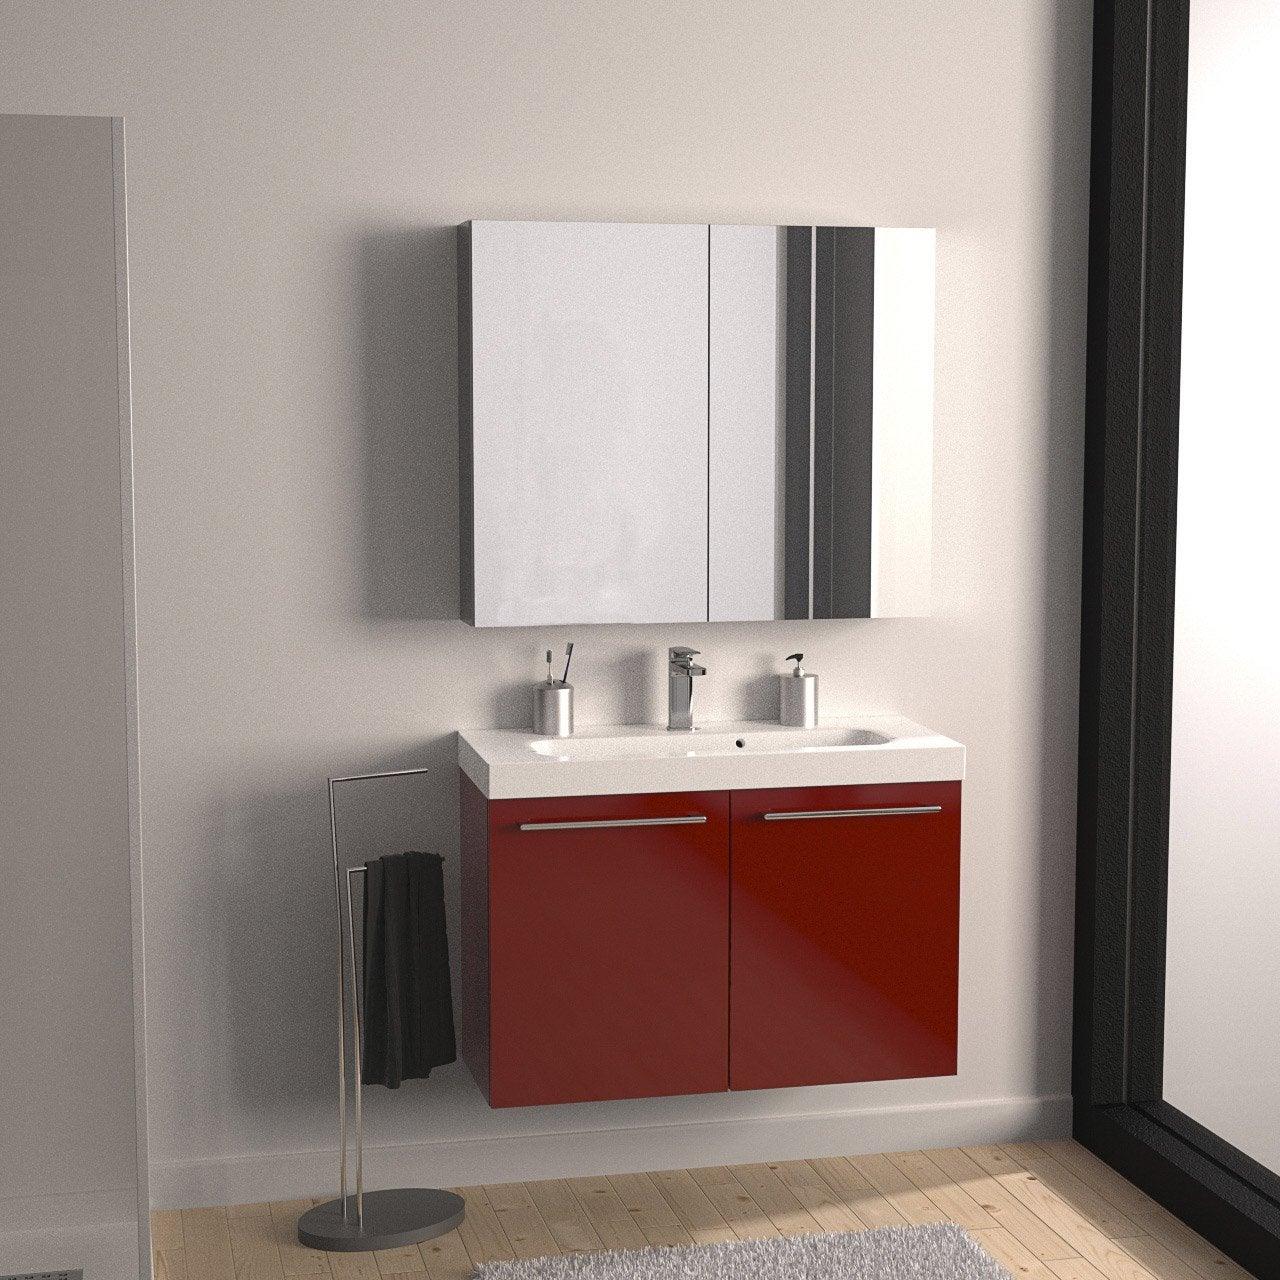 Meuble de salle de bains de 80 99 rouge remix leroy - Meuble remix leroy merlin ...